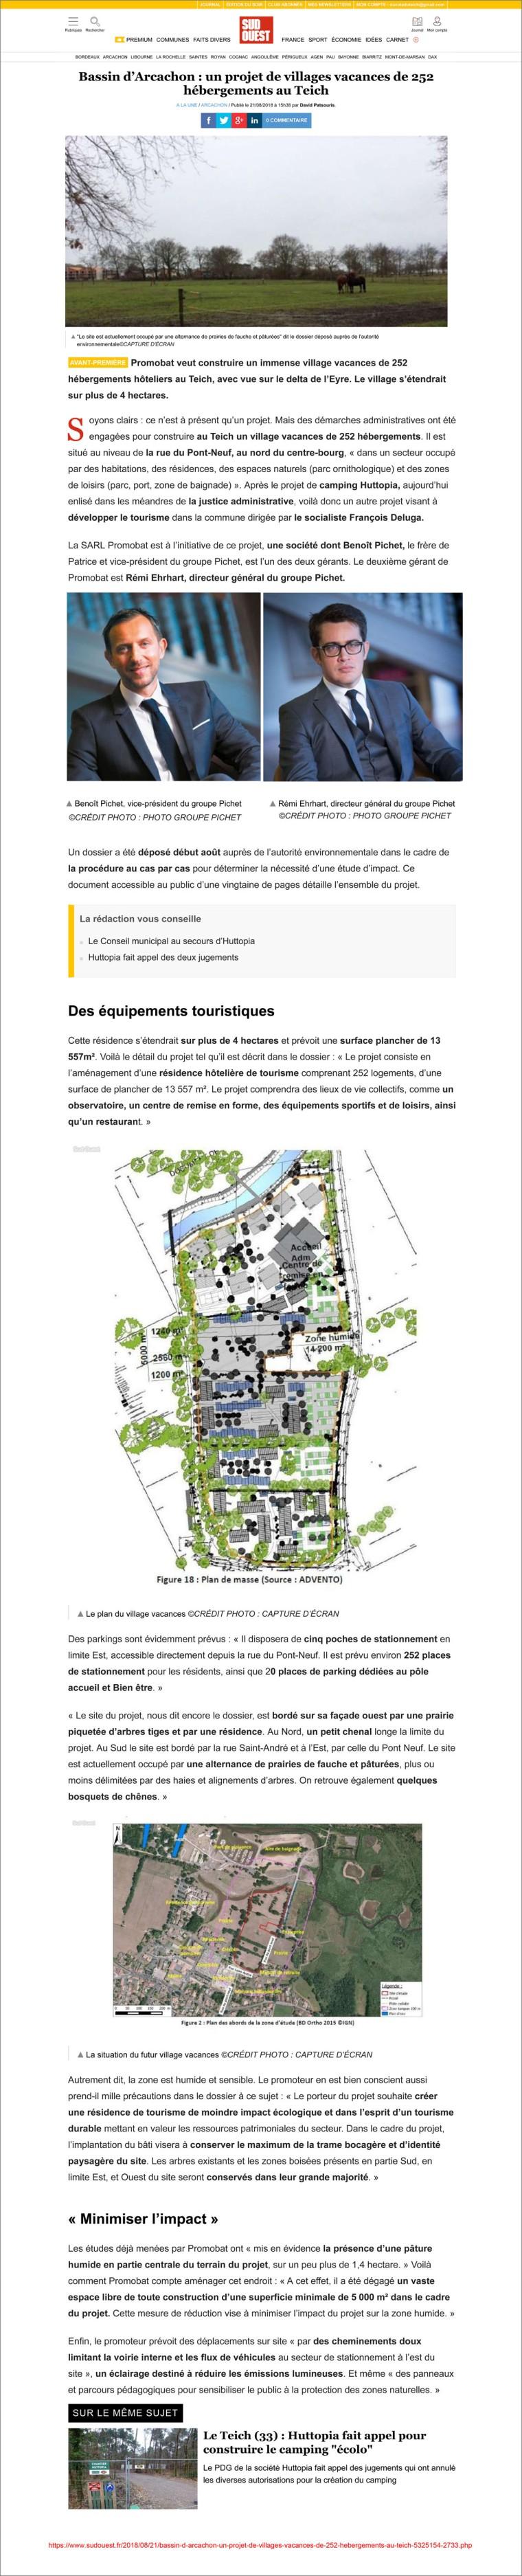 Sud-Ouest fr 21 Août 2018 - Bassin d_Arcachon_ un projet de villages vacances de 252 hébergements au Teich